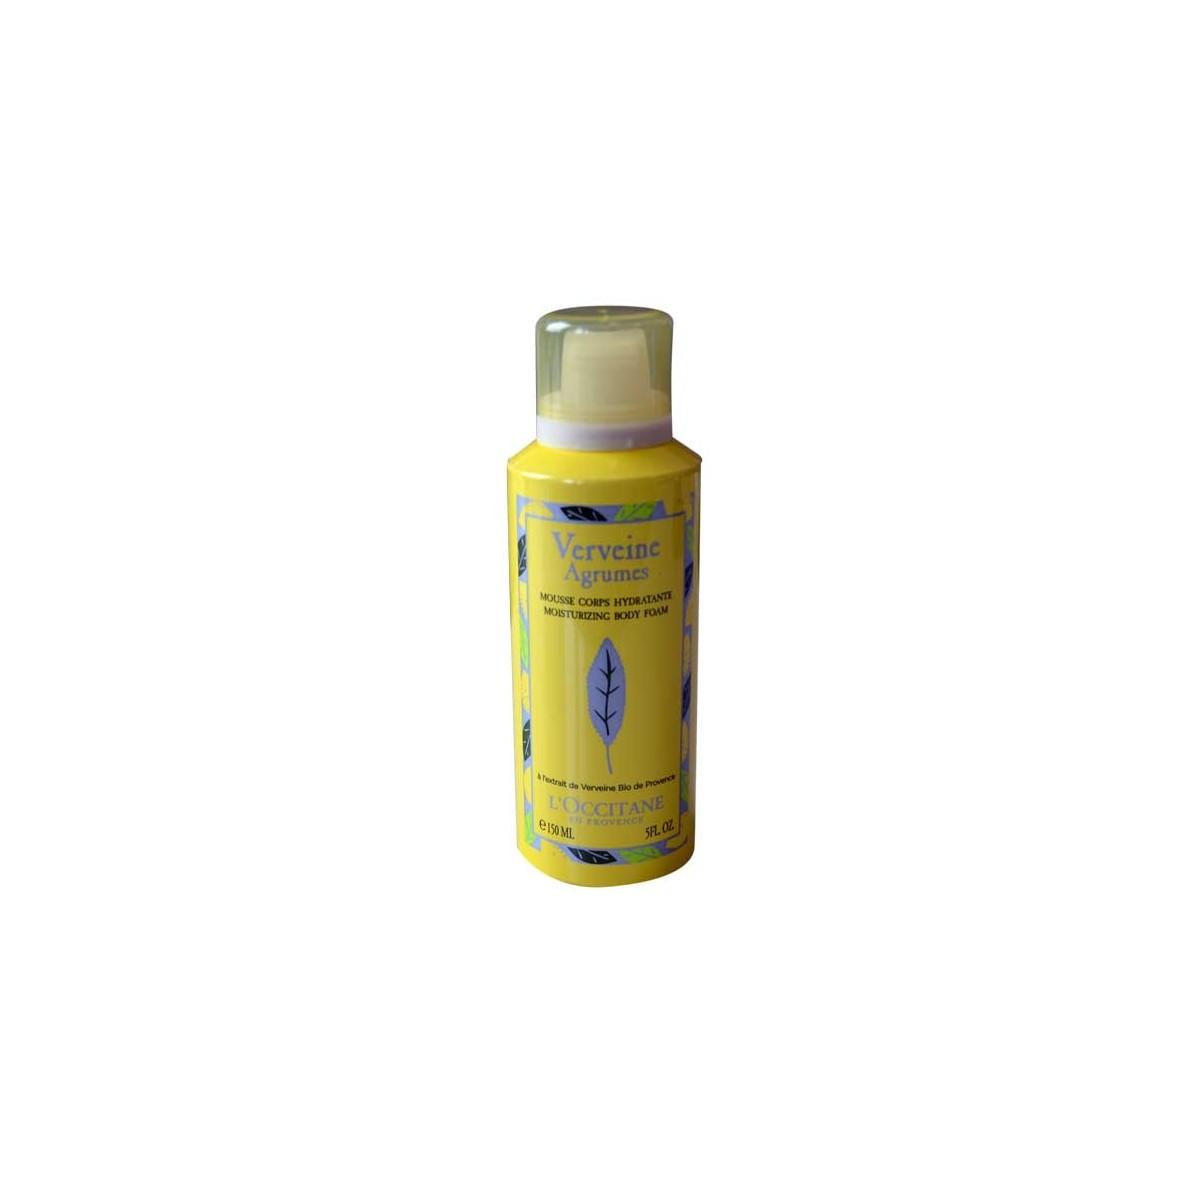 L' Occitane Verbena feuchtigkeitsspendender Körperschaum 150ml